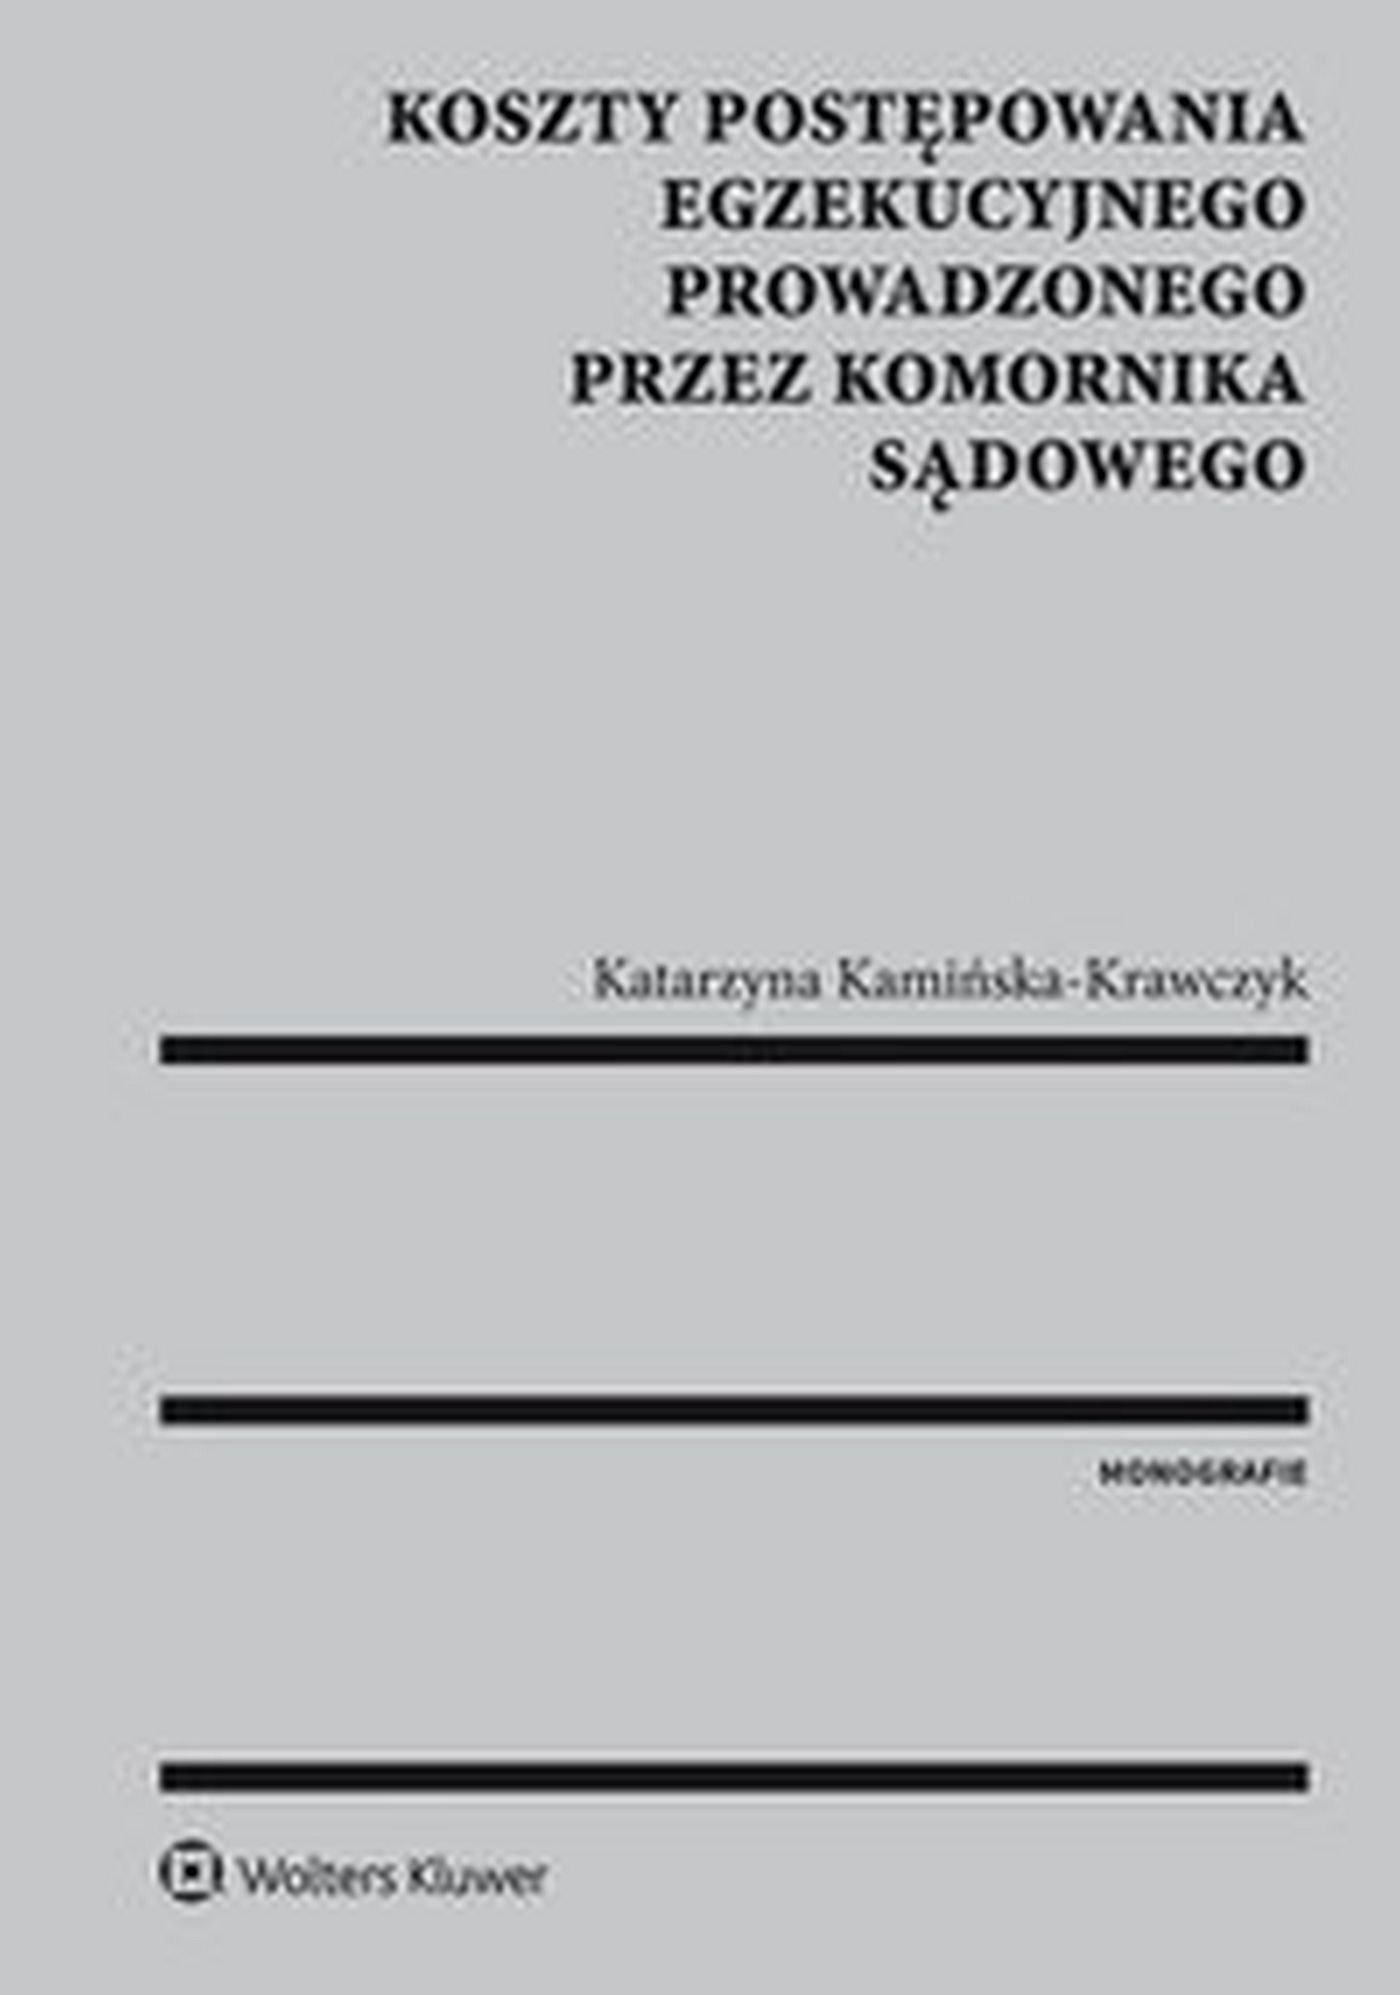 Koszty postępowania egzekucyjnego prowadzonego przez komornika sądowego - Ebook (Książka EPUB) do pobrania w formacie EPUB